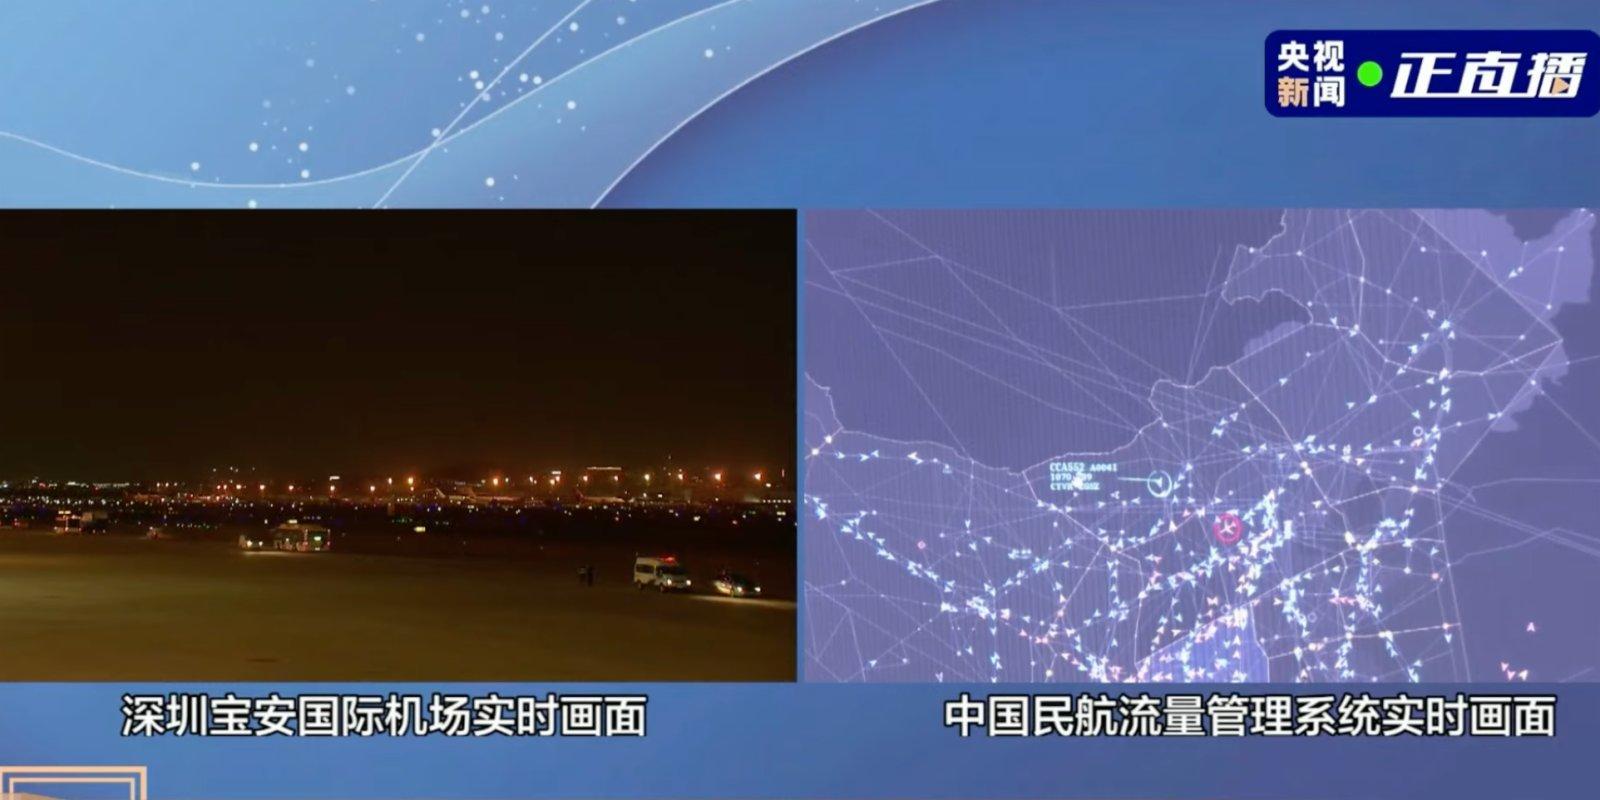 【點直播】9月25日 孟晚舟抵達深圳寶安機場